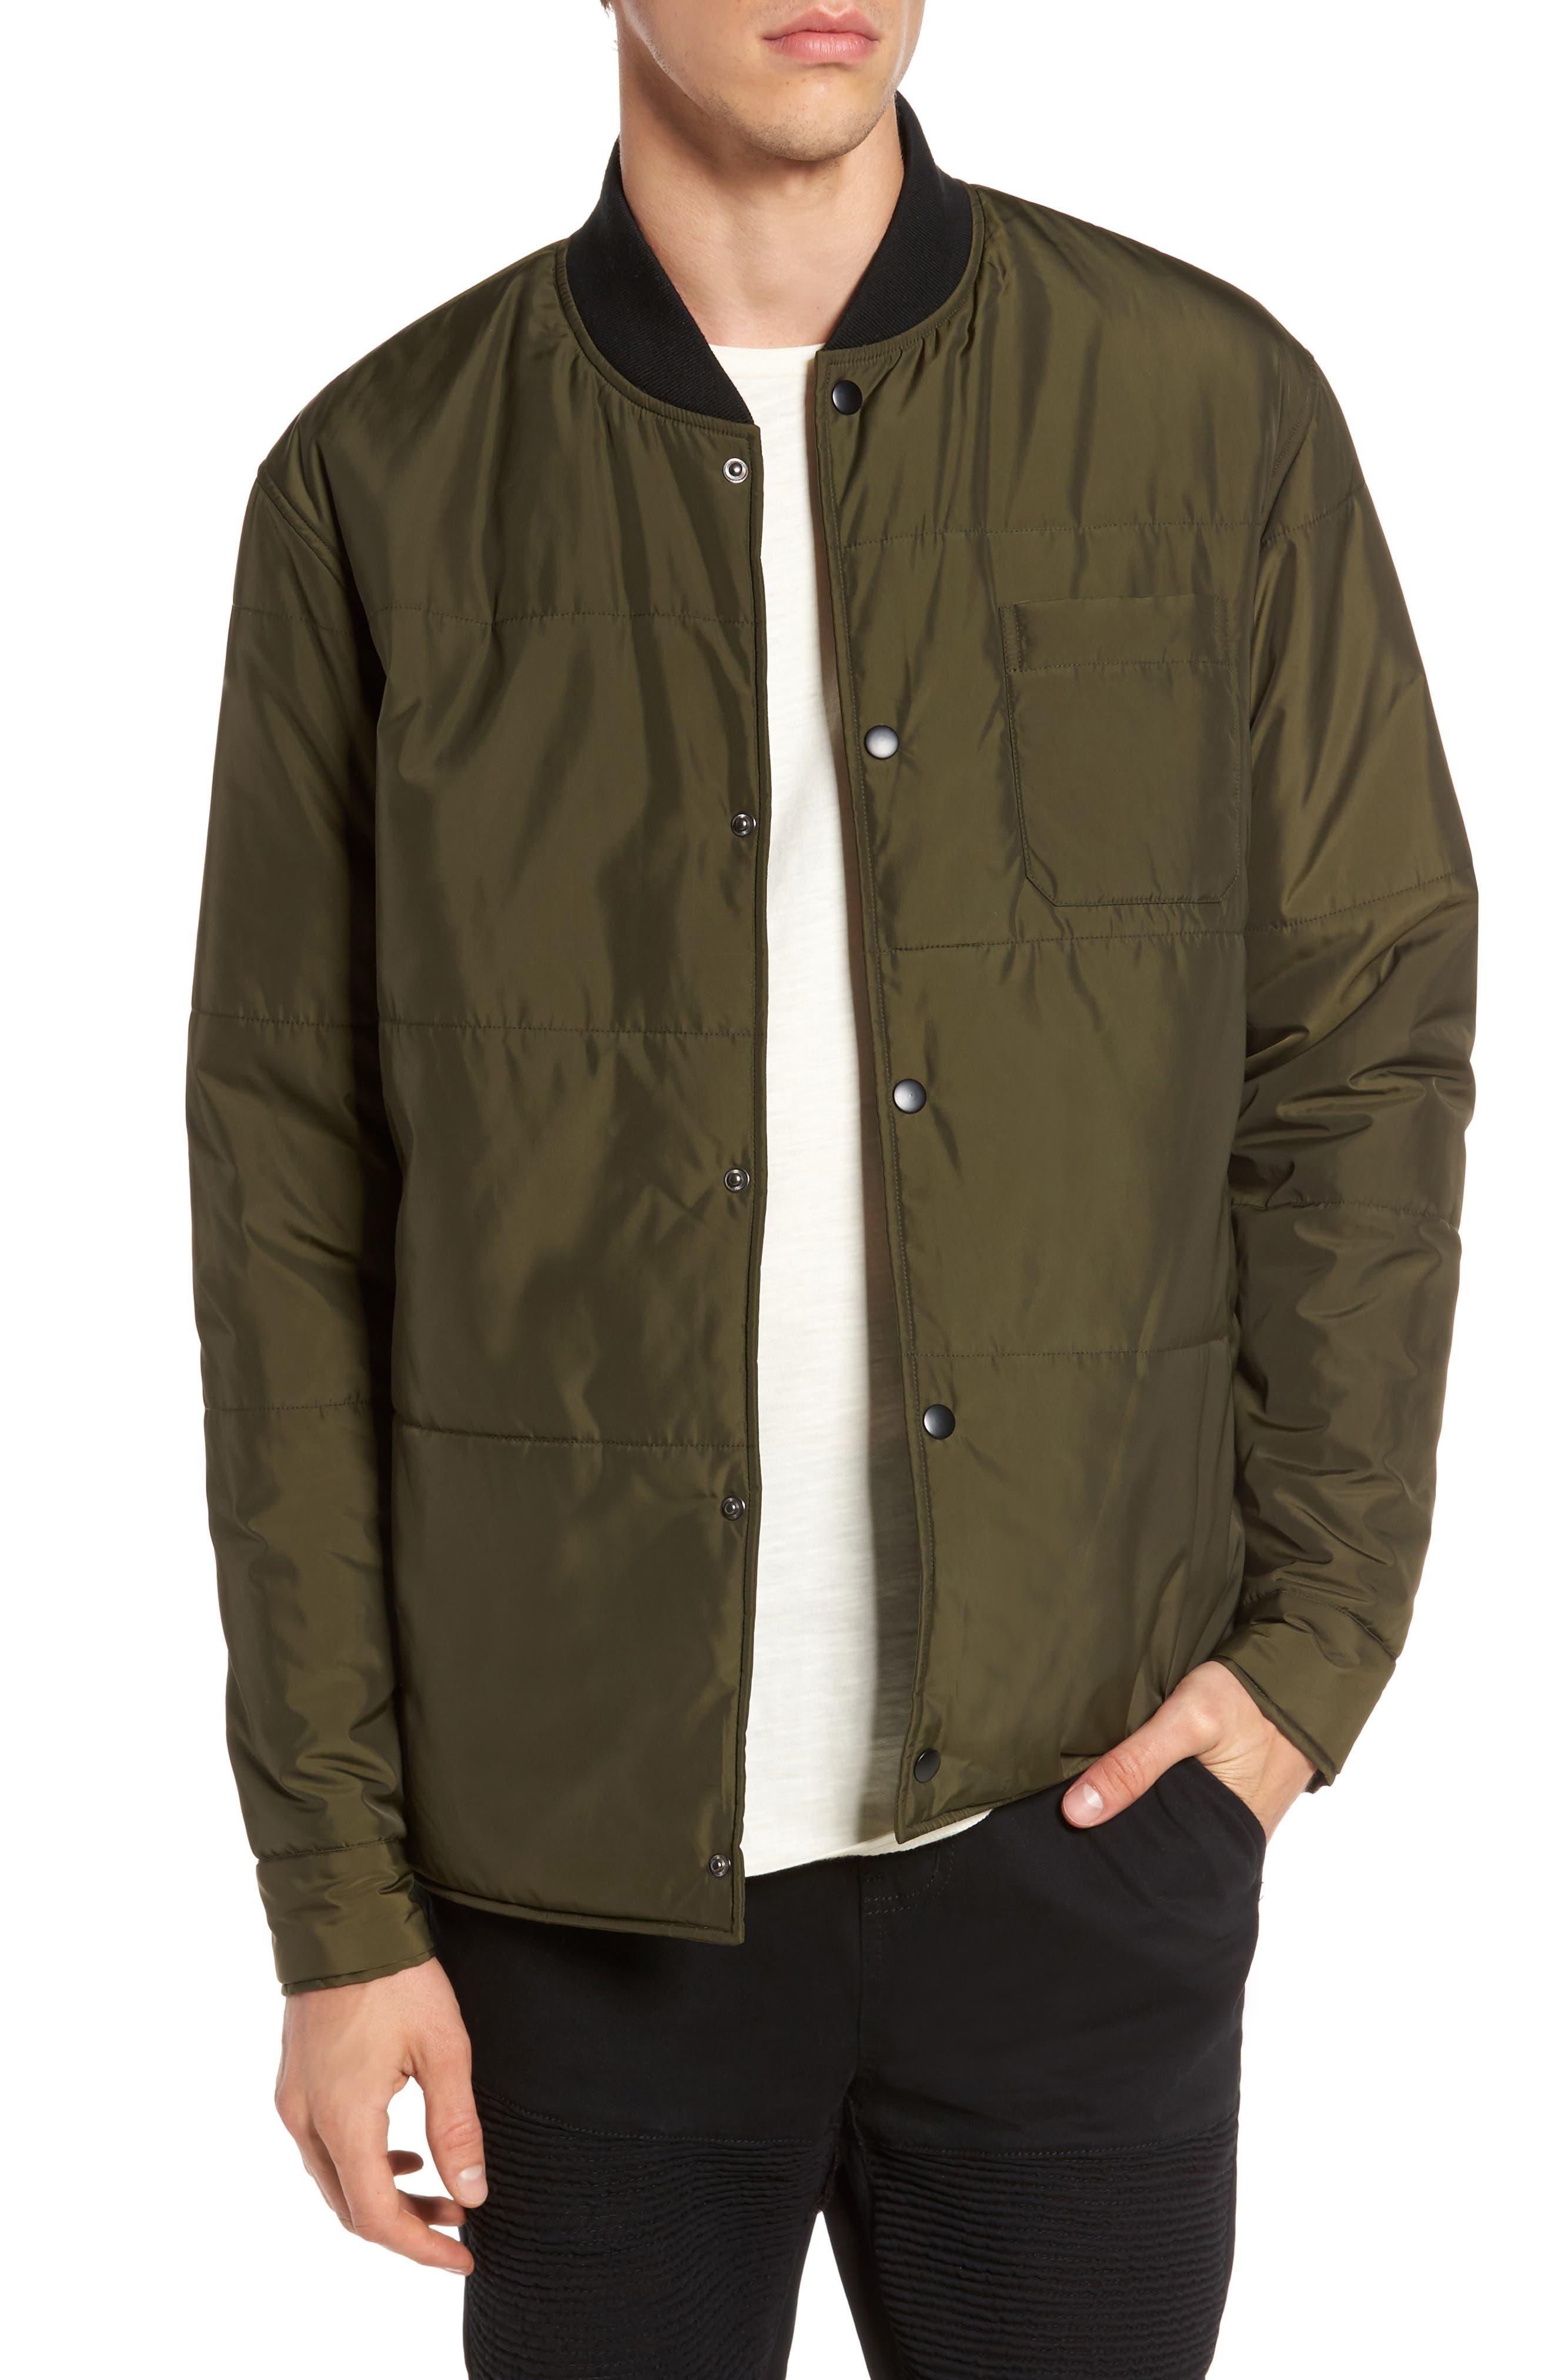 Alternate Image 1 Selected - Lira Clothing Bundy Bomber Jacket